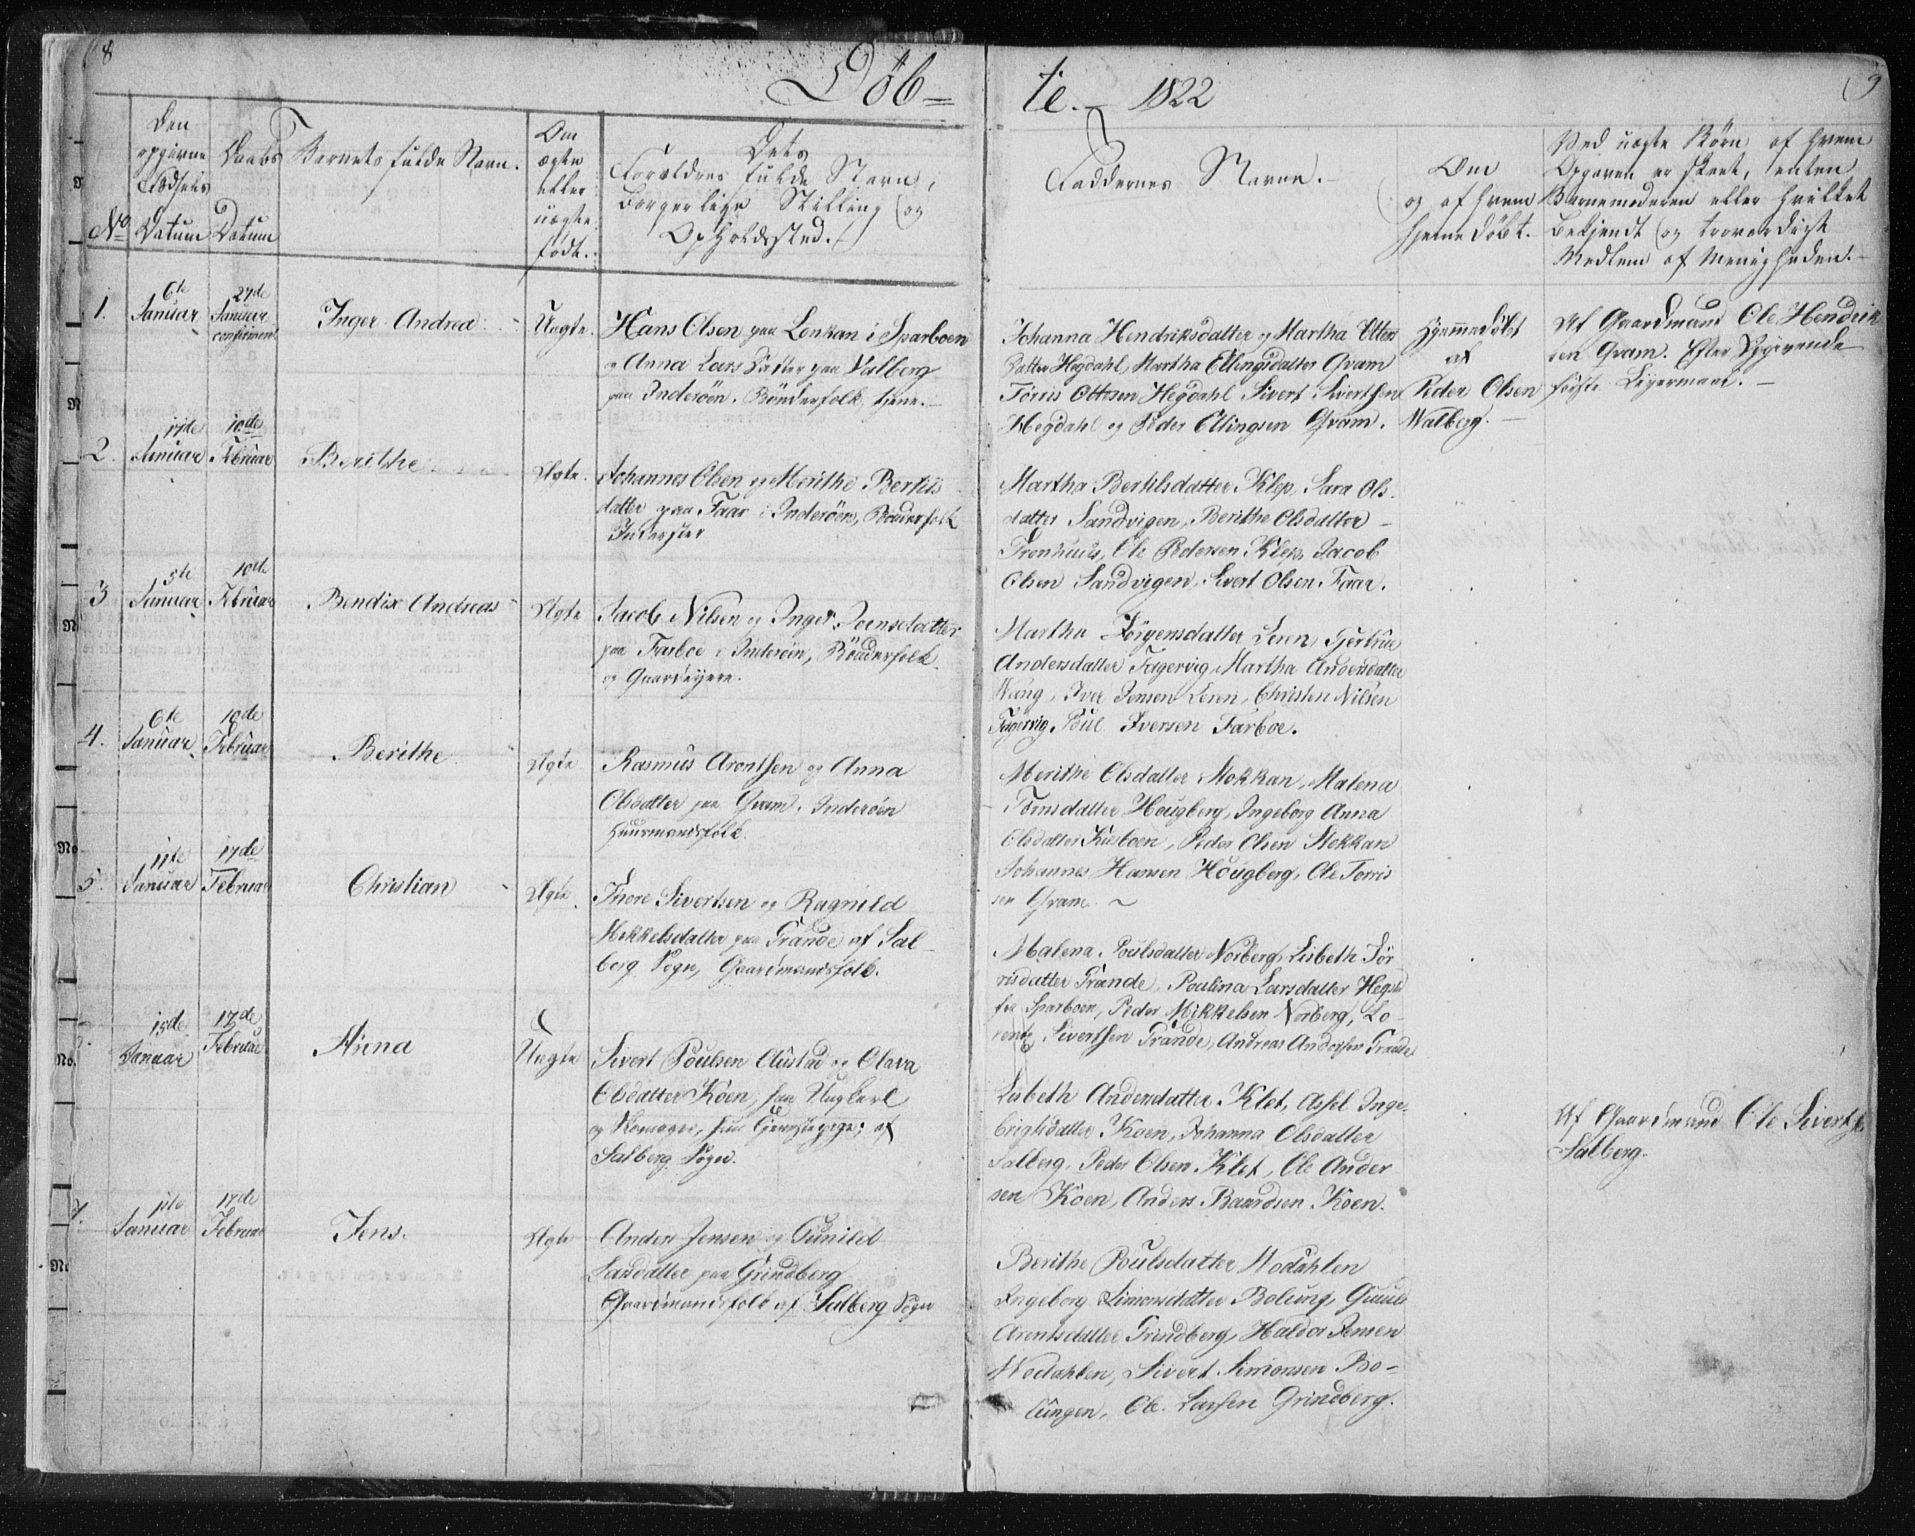 SAT, Ministerialprotokoller, klokkerbøker og fødselsregistre - Nord-Trøndelag, 730/L0276: Ministerialbok nr. 730A05, 1822-1830, s. 8-9